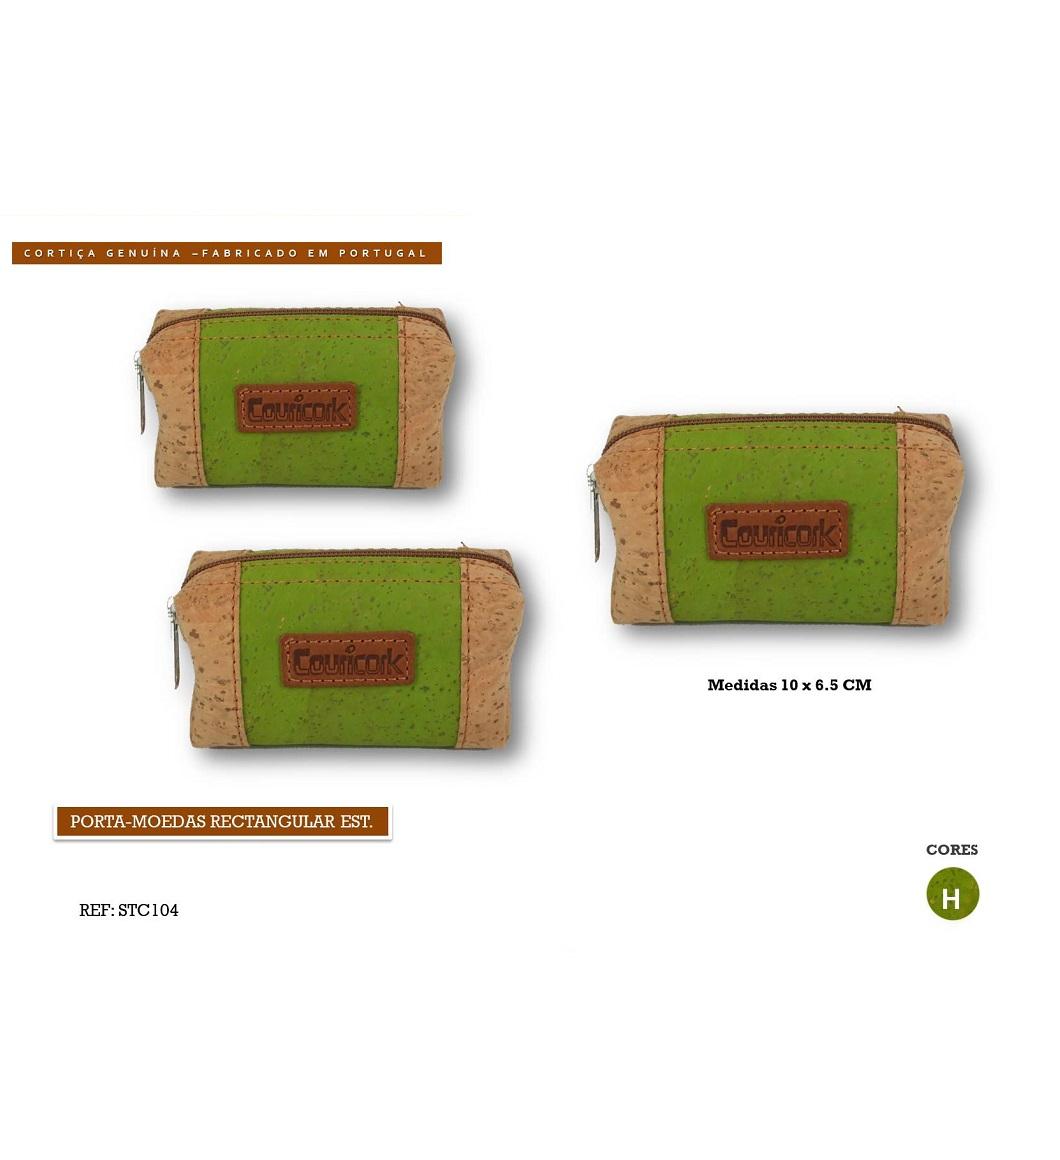 Porta-moedas Retangular